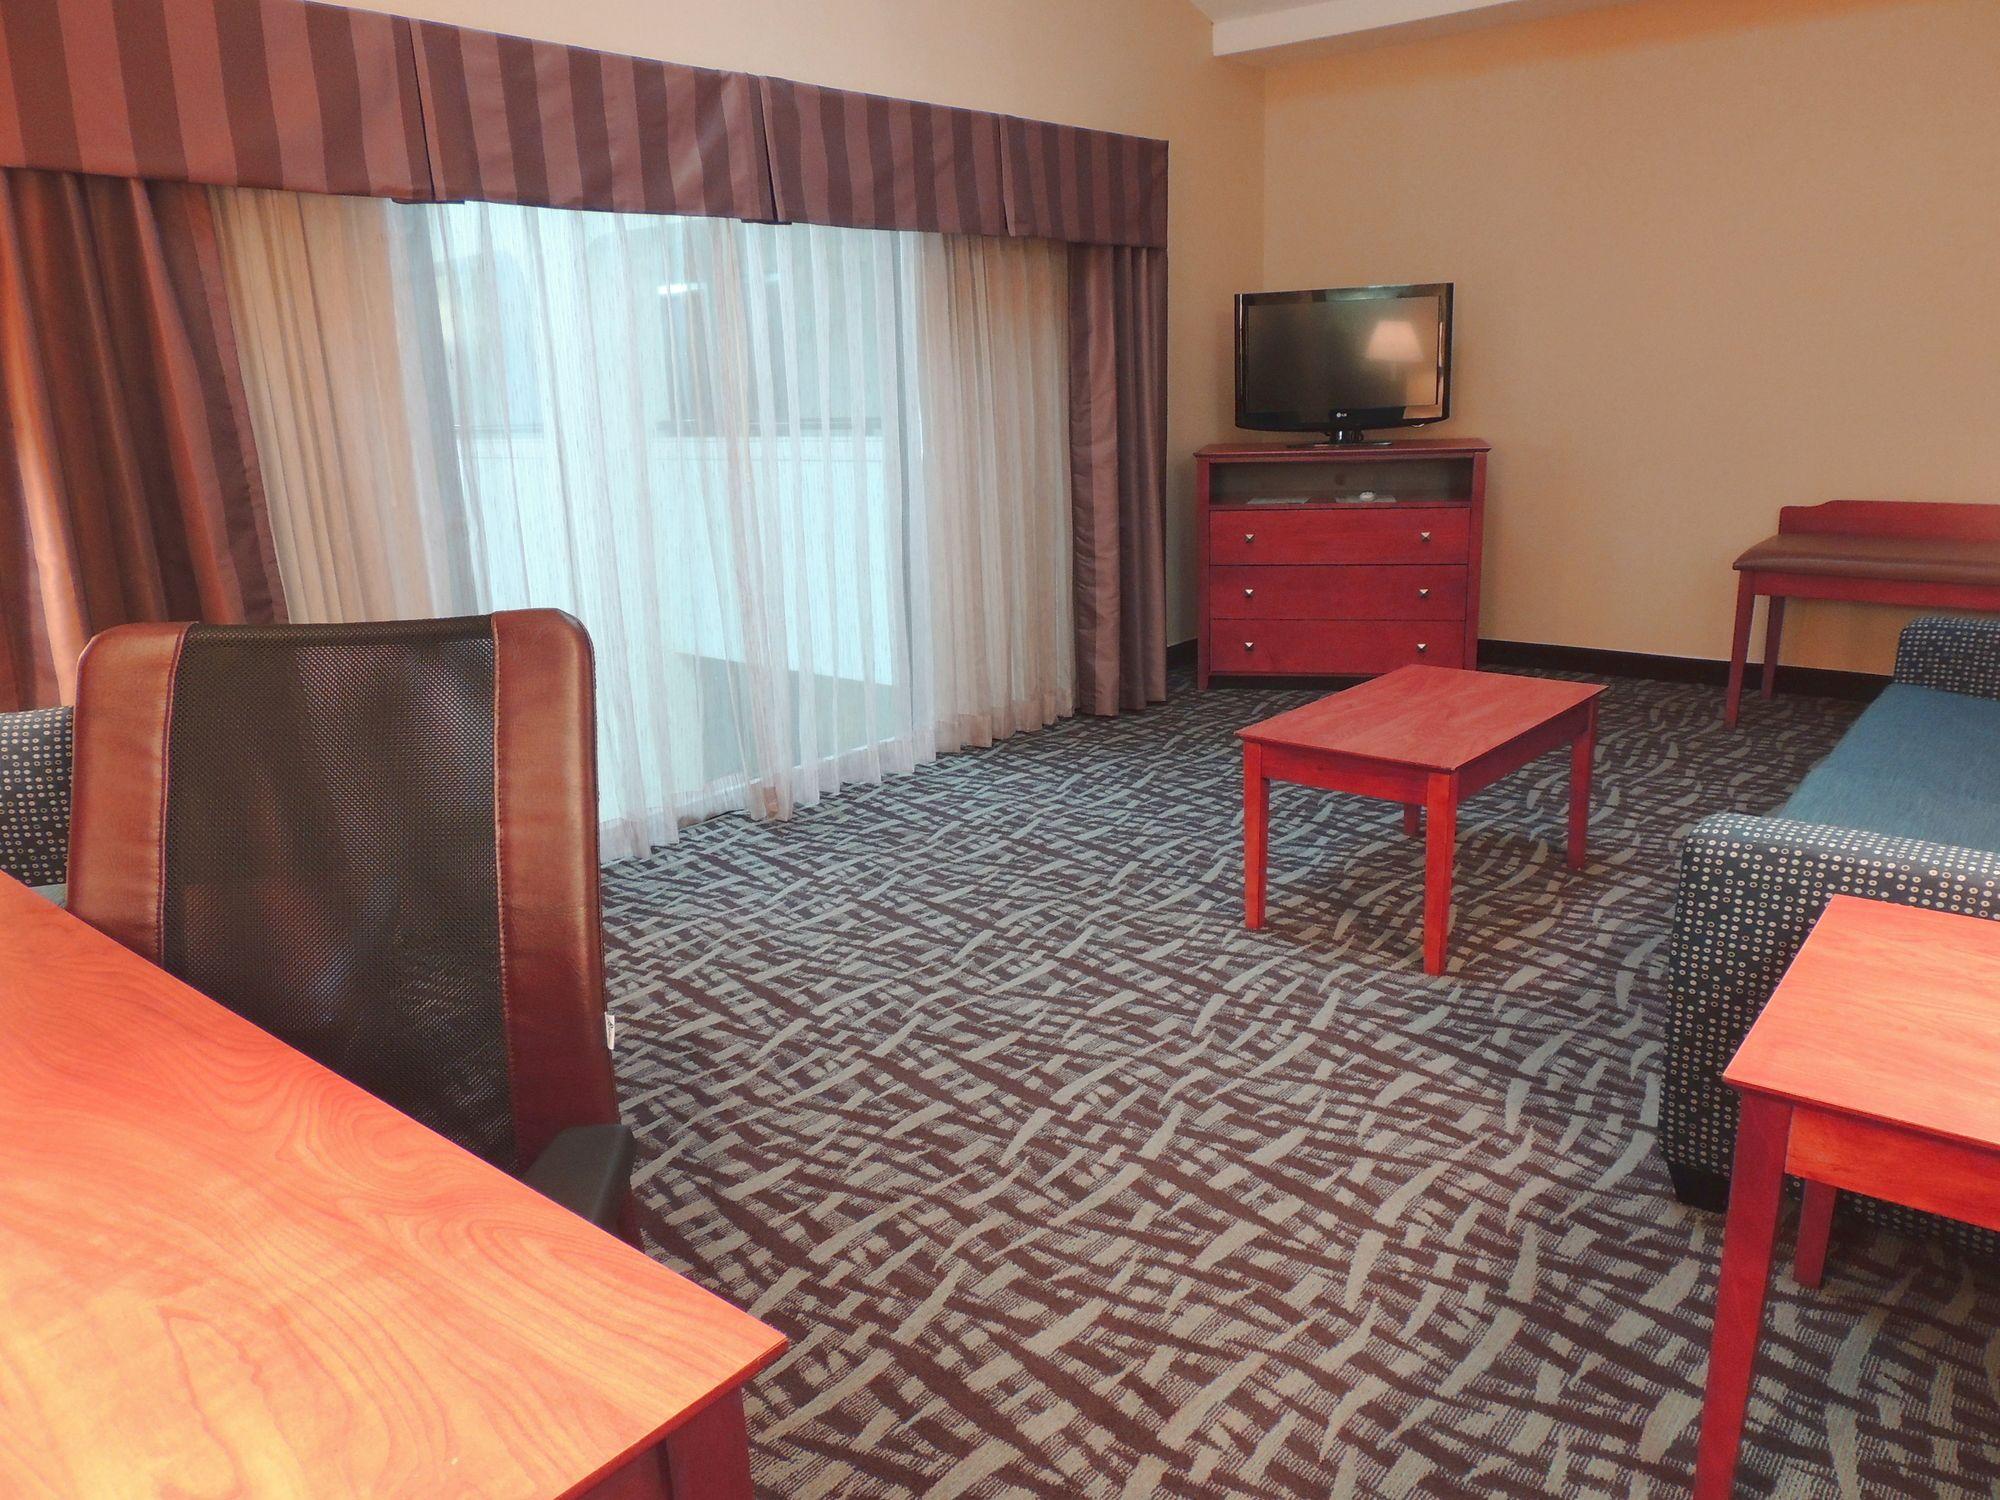 Holiday Inn Express & Suites Birmingham Trussville in Trussville, AL